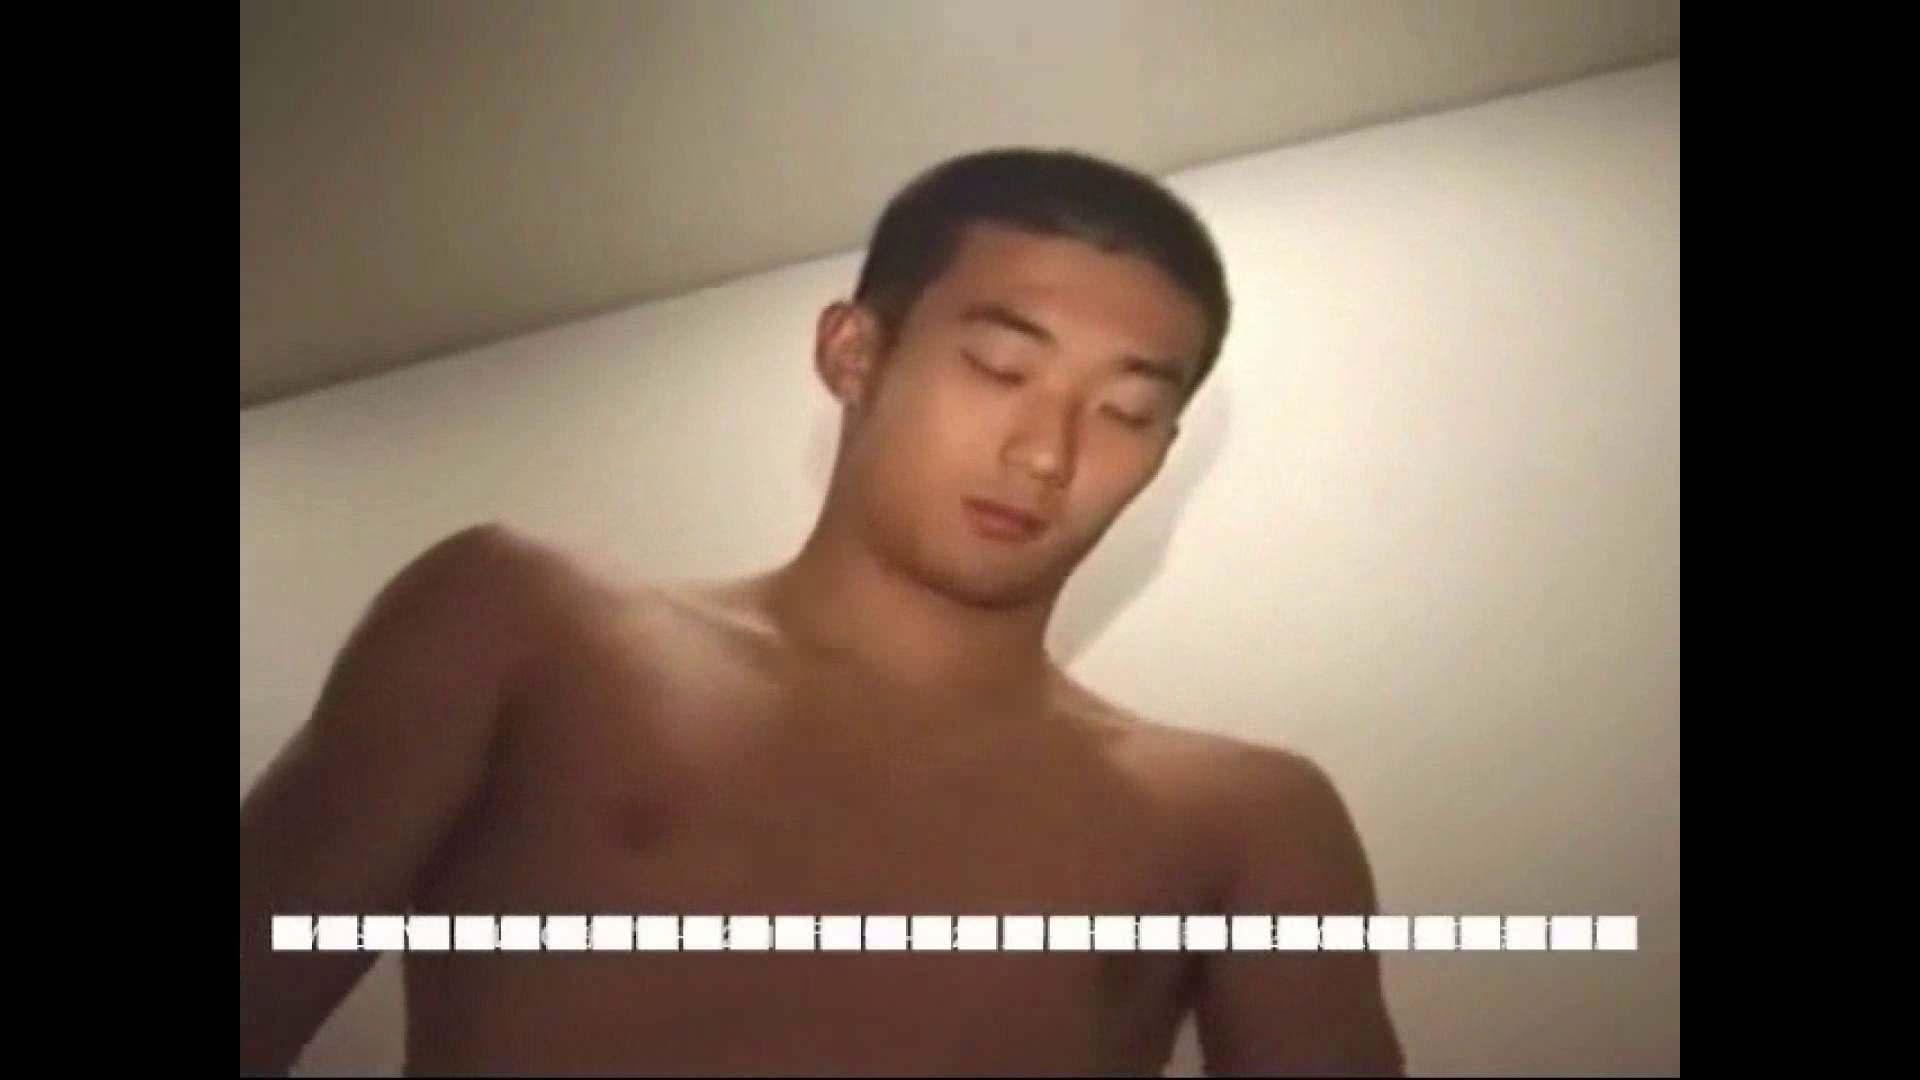 オナれ!集まれ!イケてるメンズ達!!File.03 ノンケ Guyエロ画像 19連発 6